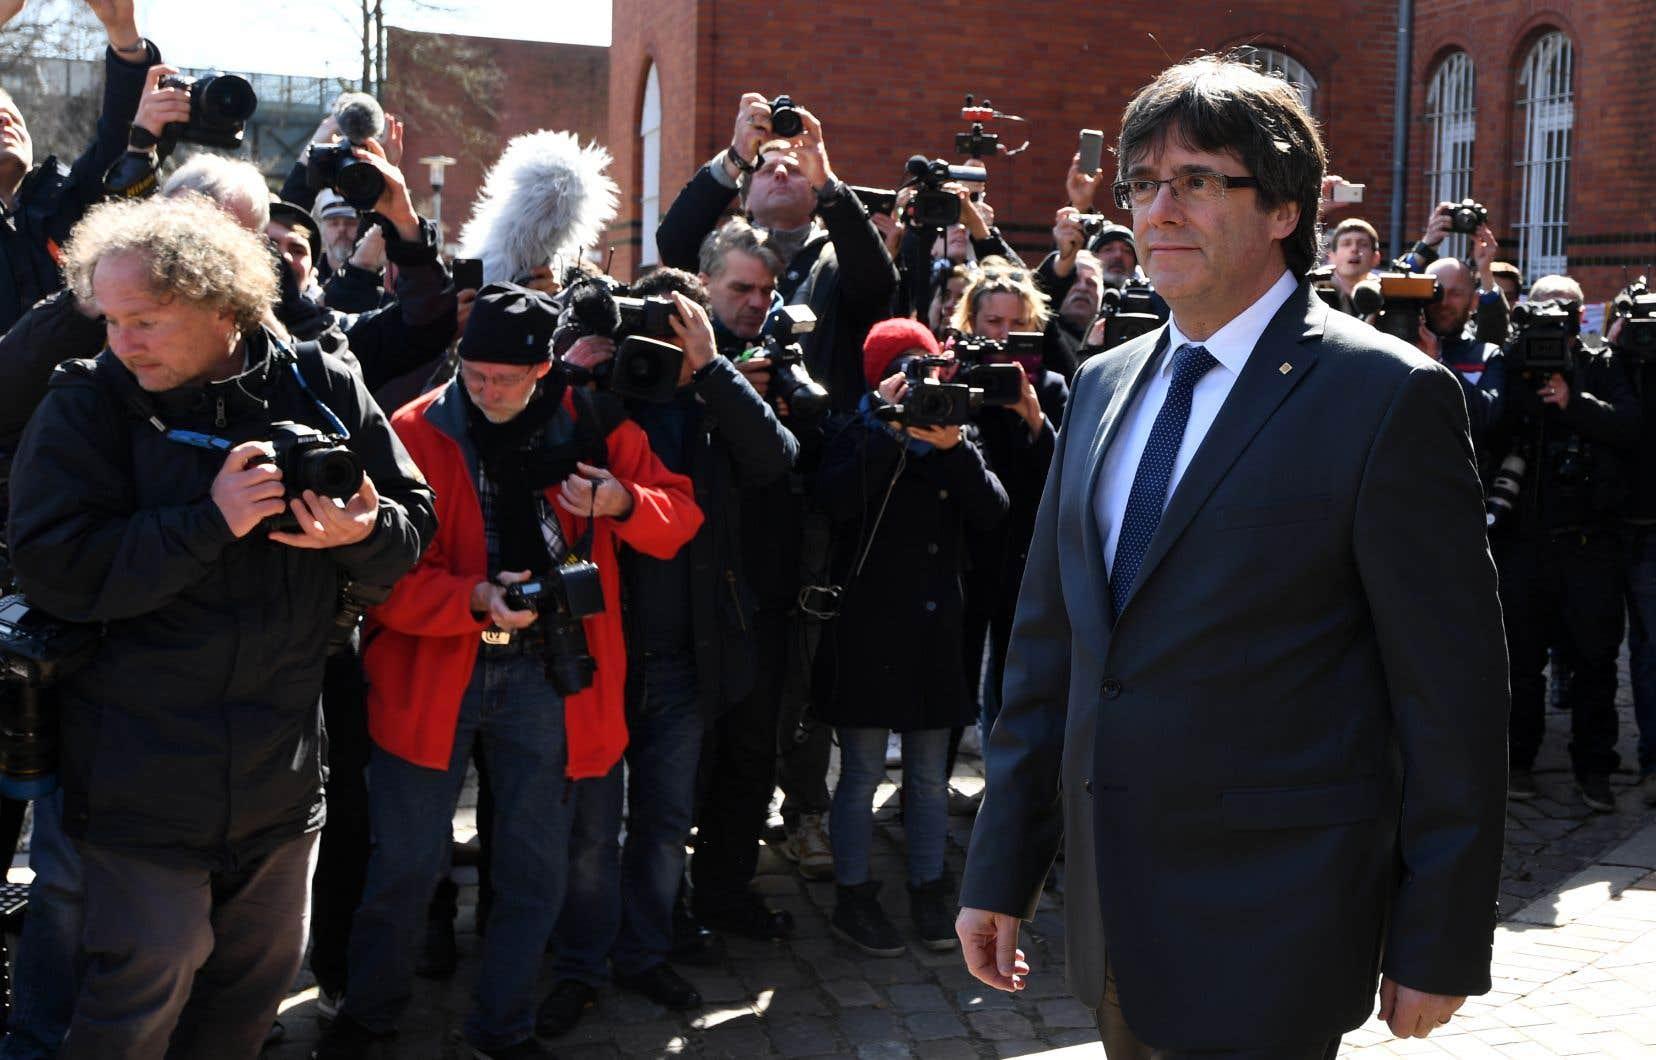 L'indépendantiste catalan Carles Puigdemont a quitté vendredi la prison allemande où il était détenu.